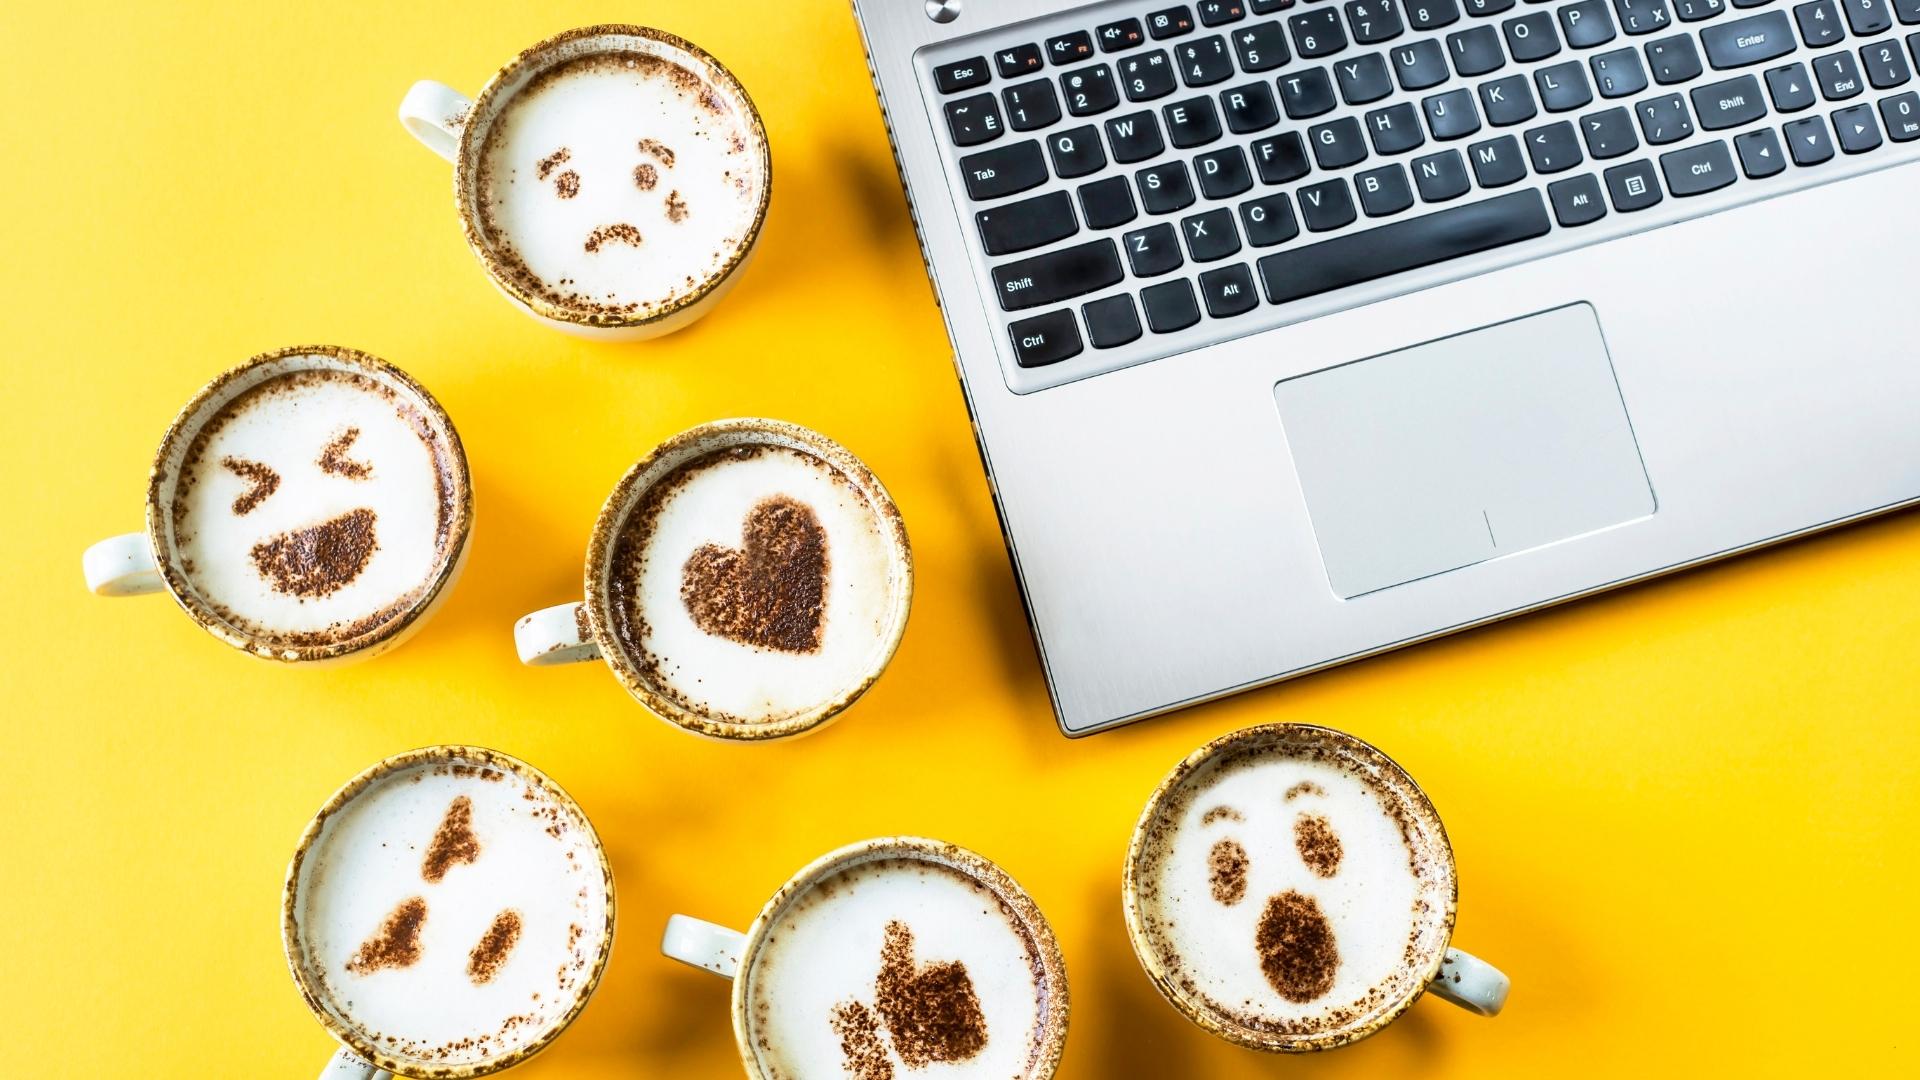 Los 10 emoticonos más utilizados en redes sociales